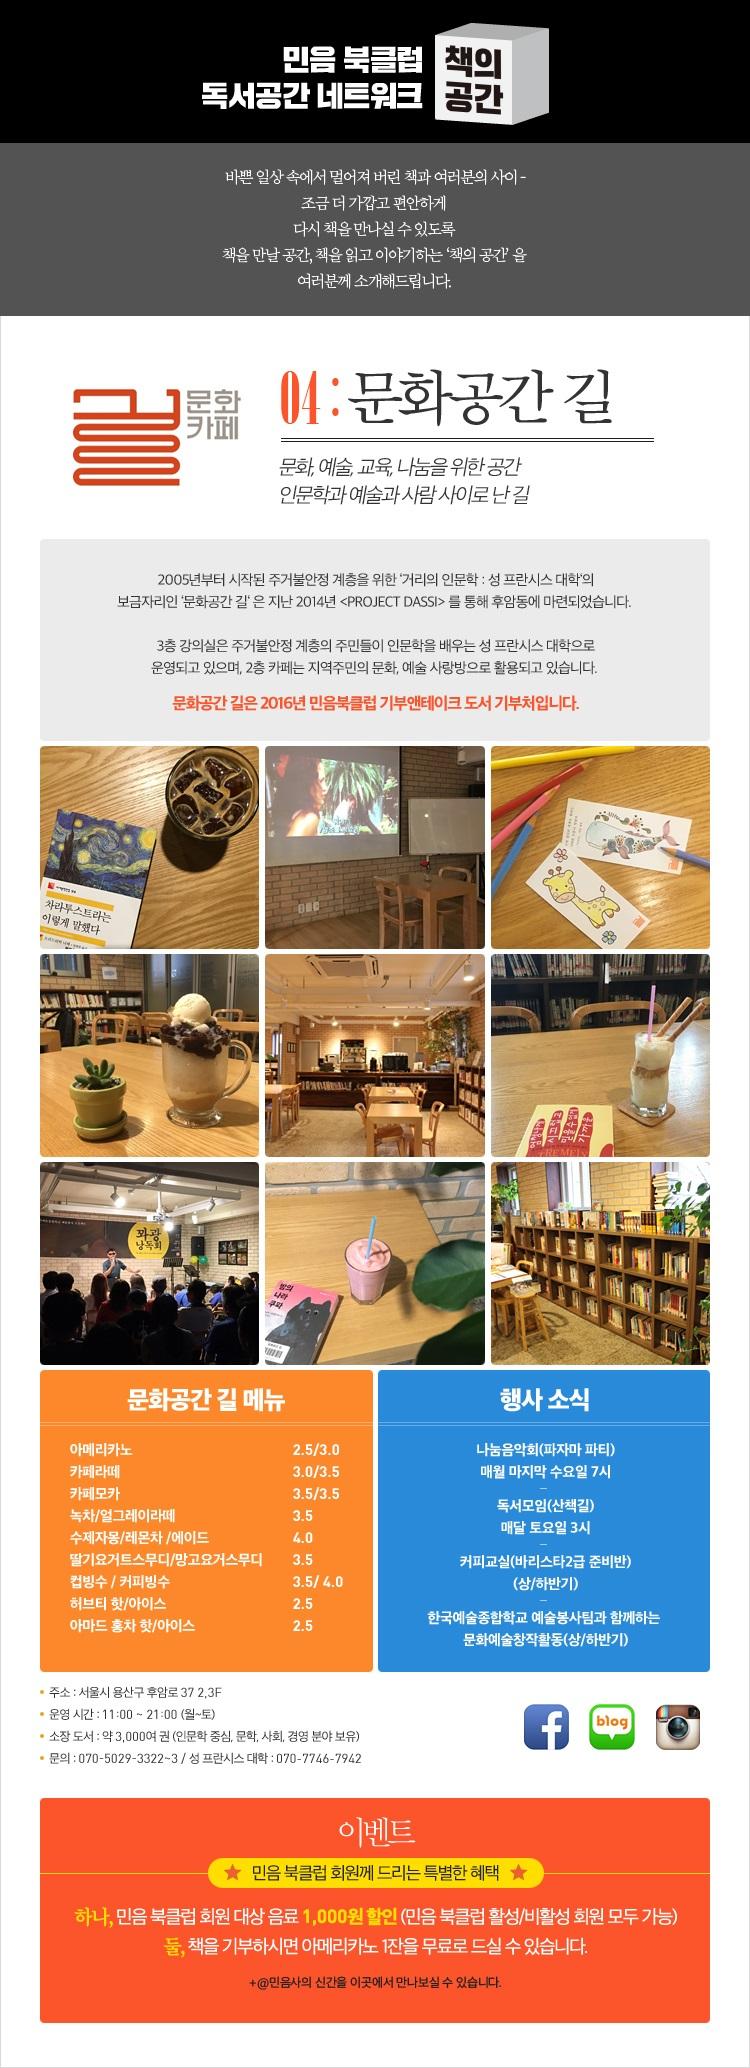 EDM-책의공간_길 (2)